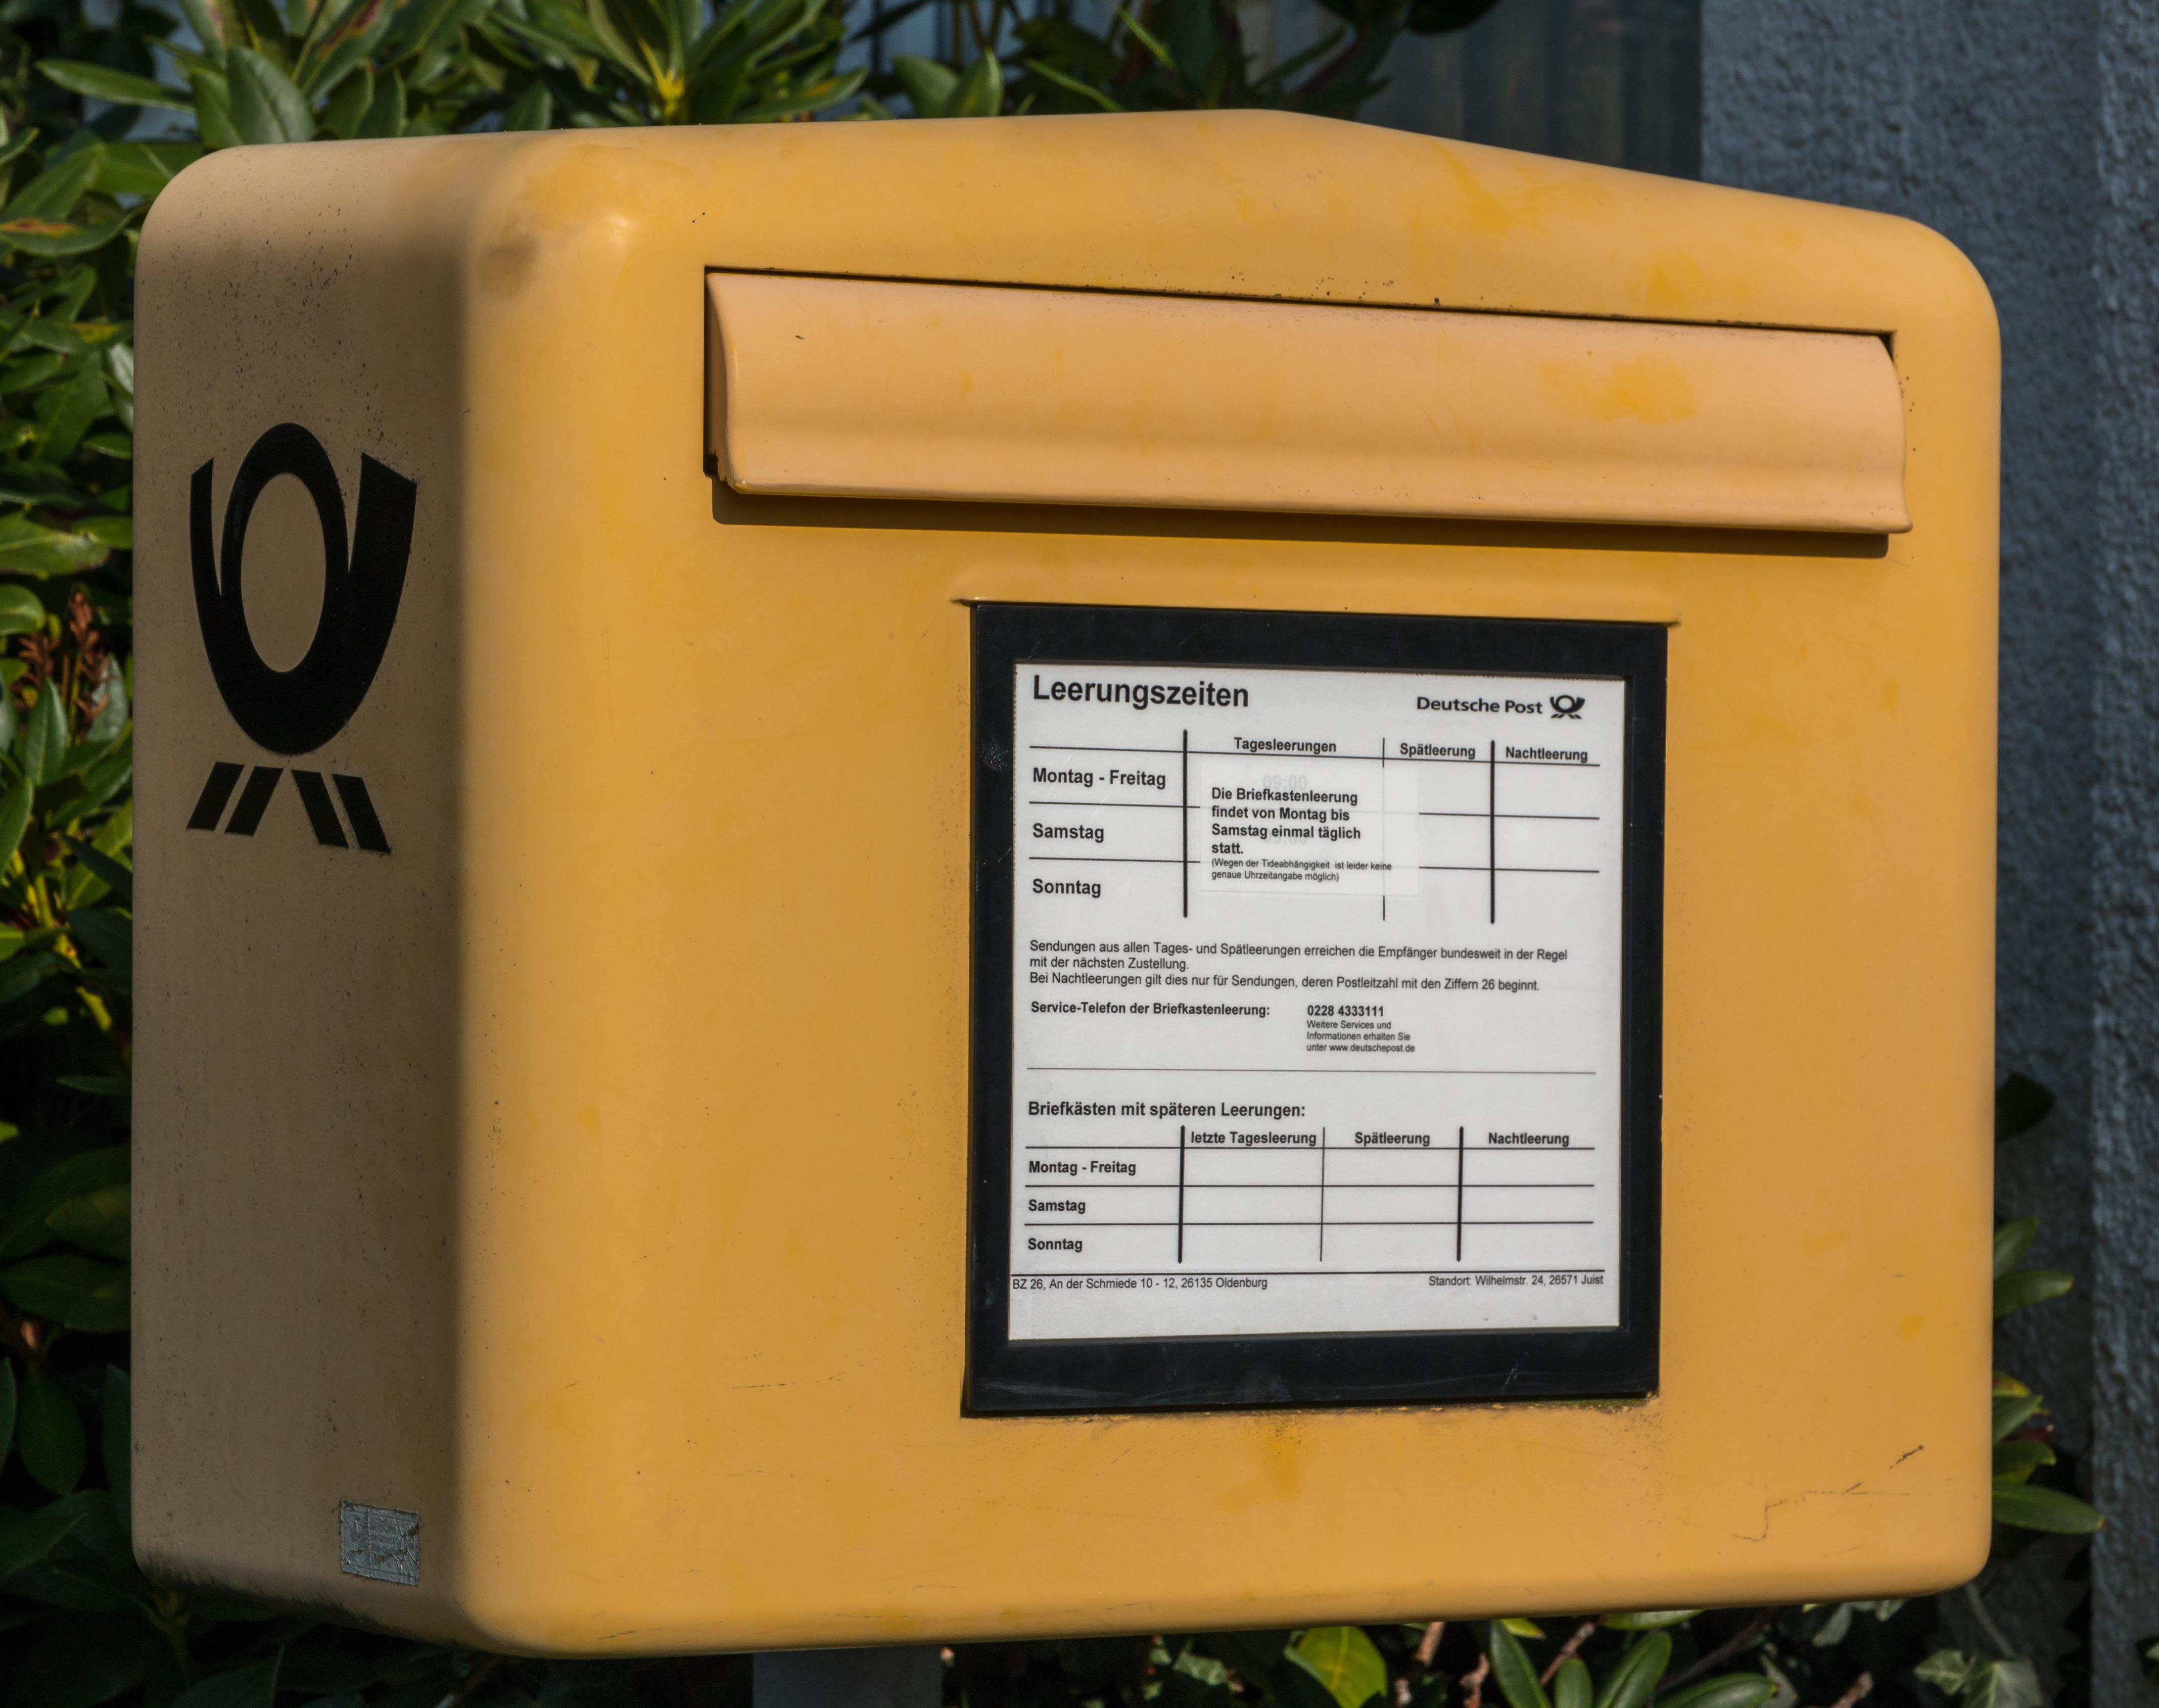 Briefkastenleerung Samstag